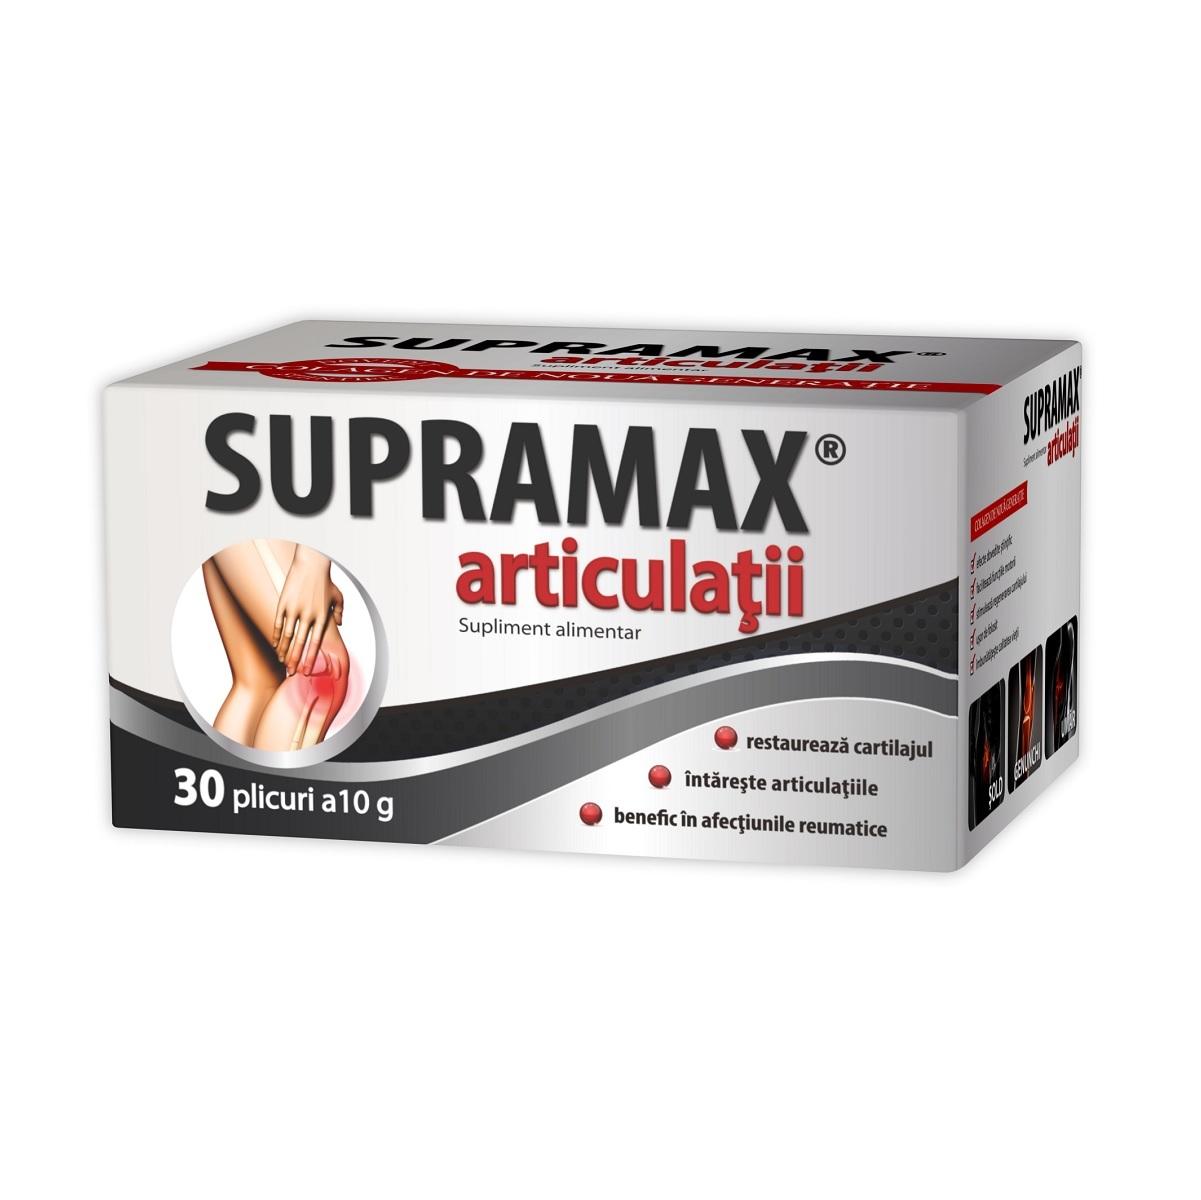 medicamente pentru articulații cartilaginoase dureri de genunchi youtube